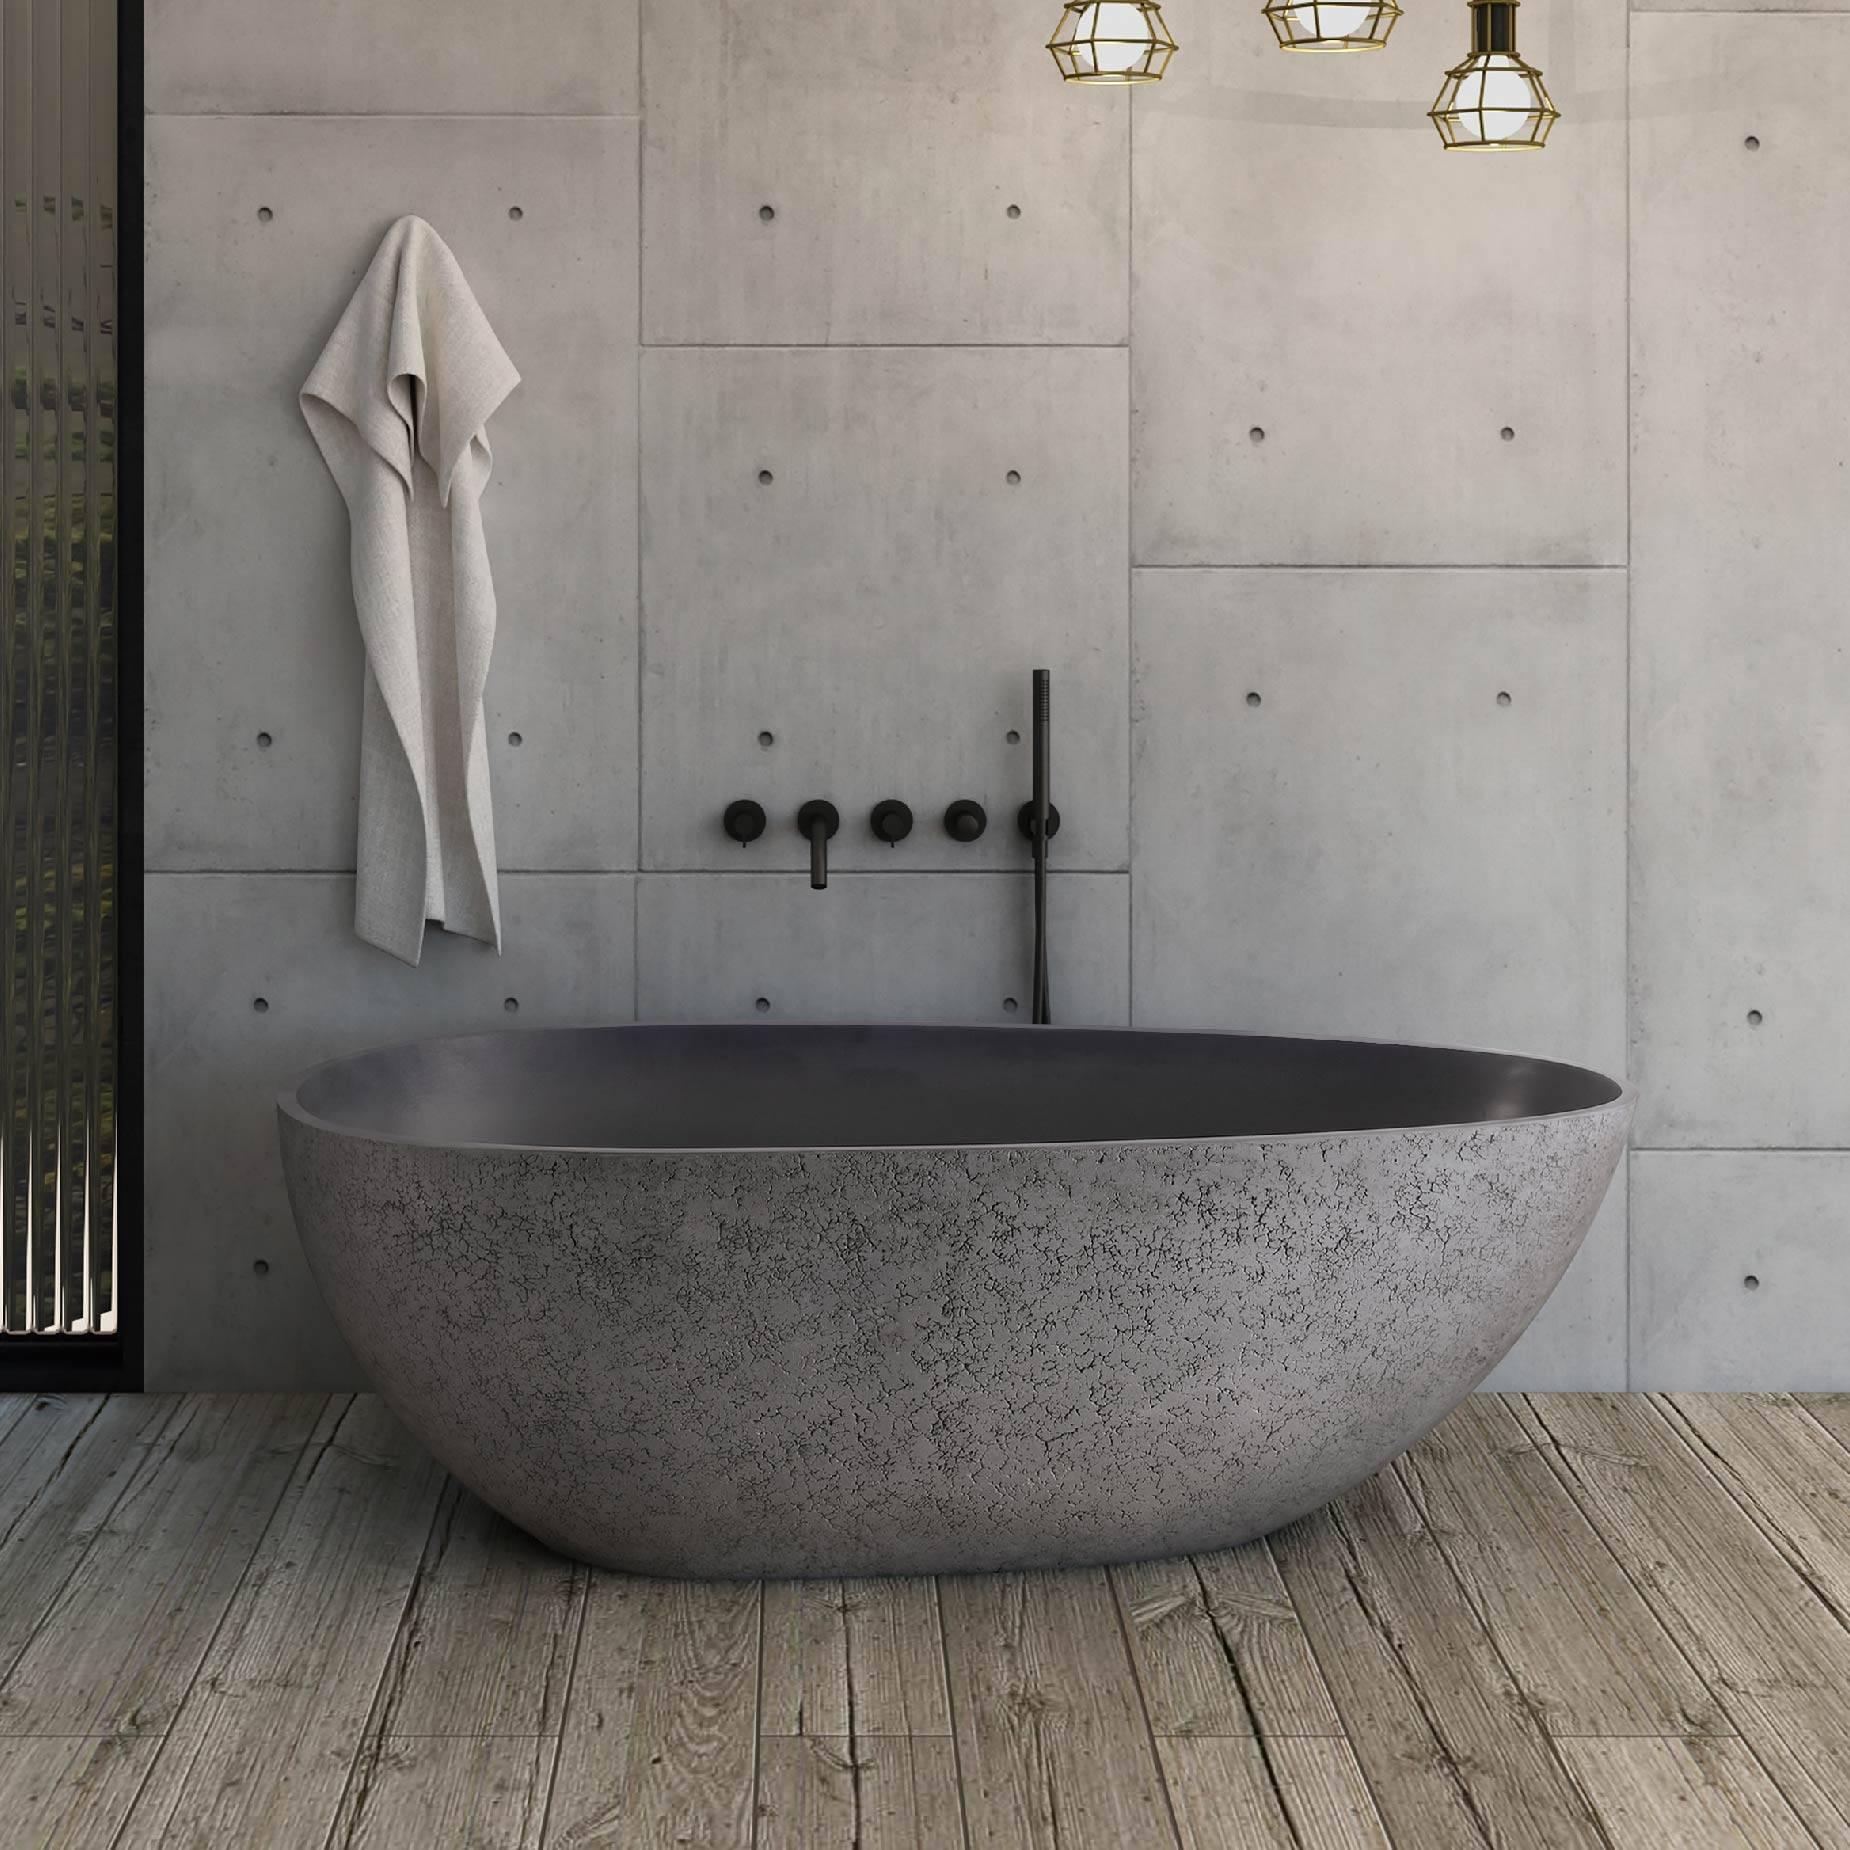 独立式水泥色人造石浴缸-灰蛋